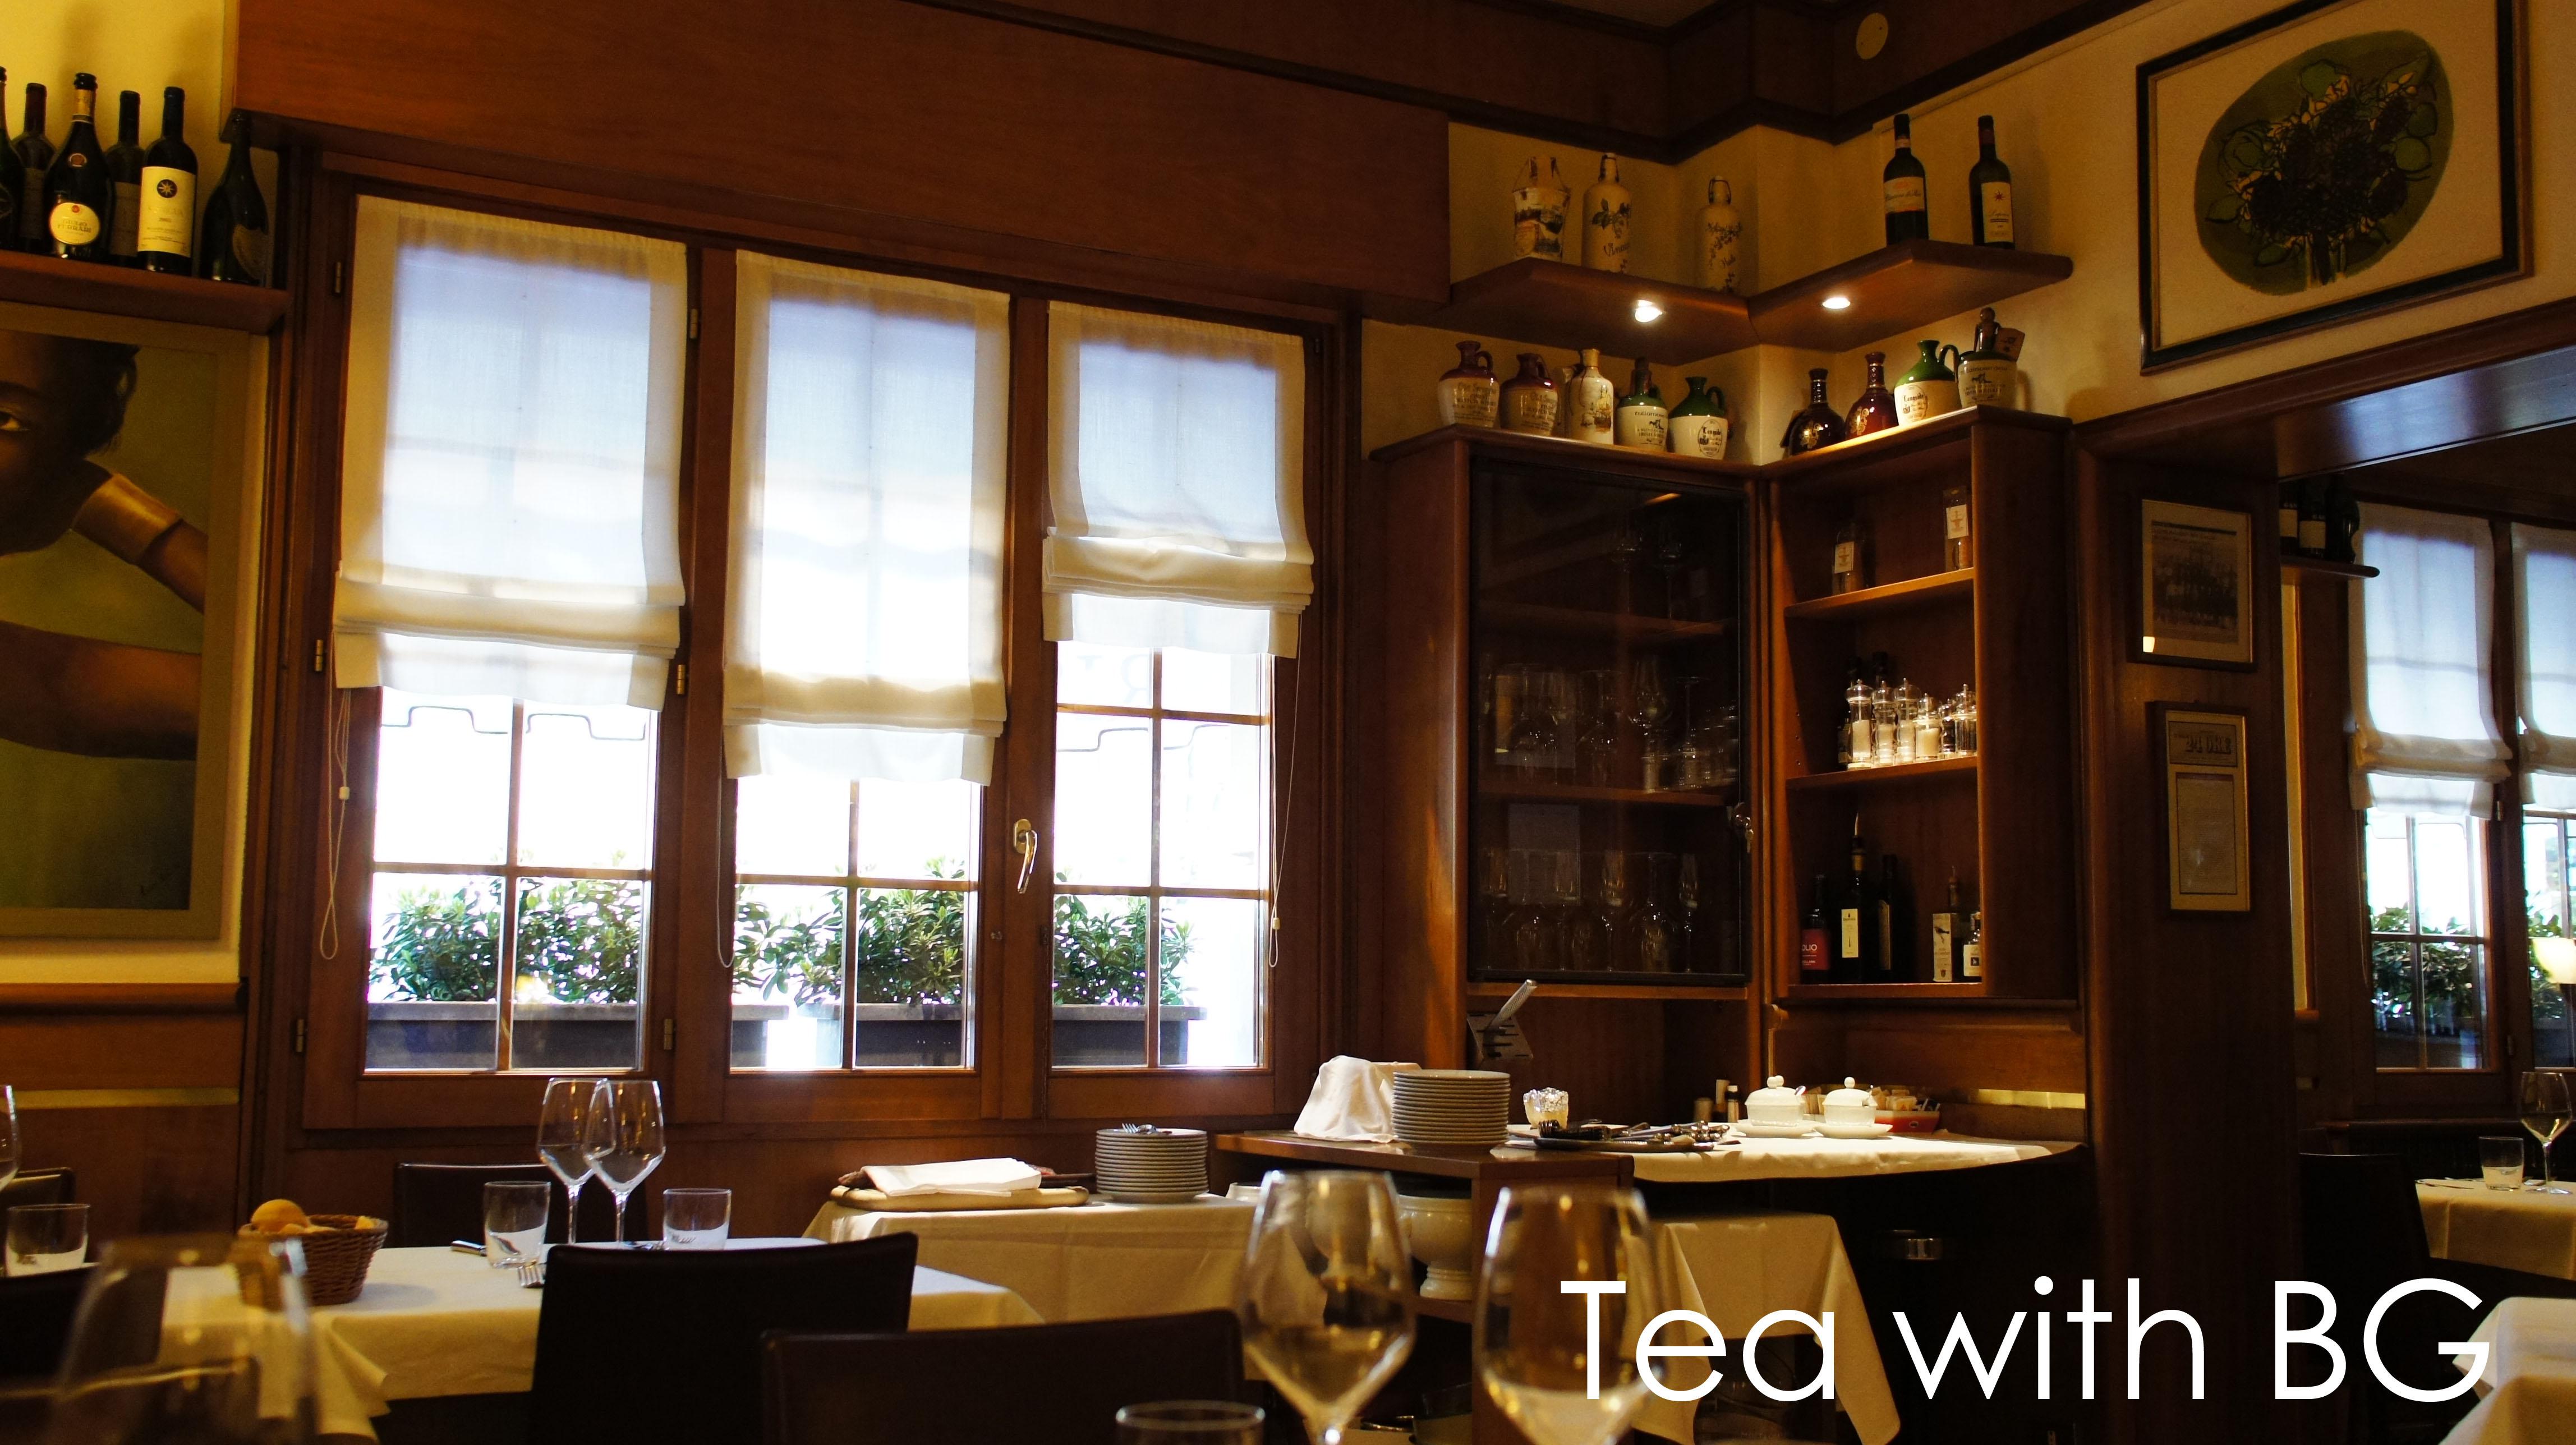 Italy | Tea with BG